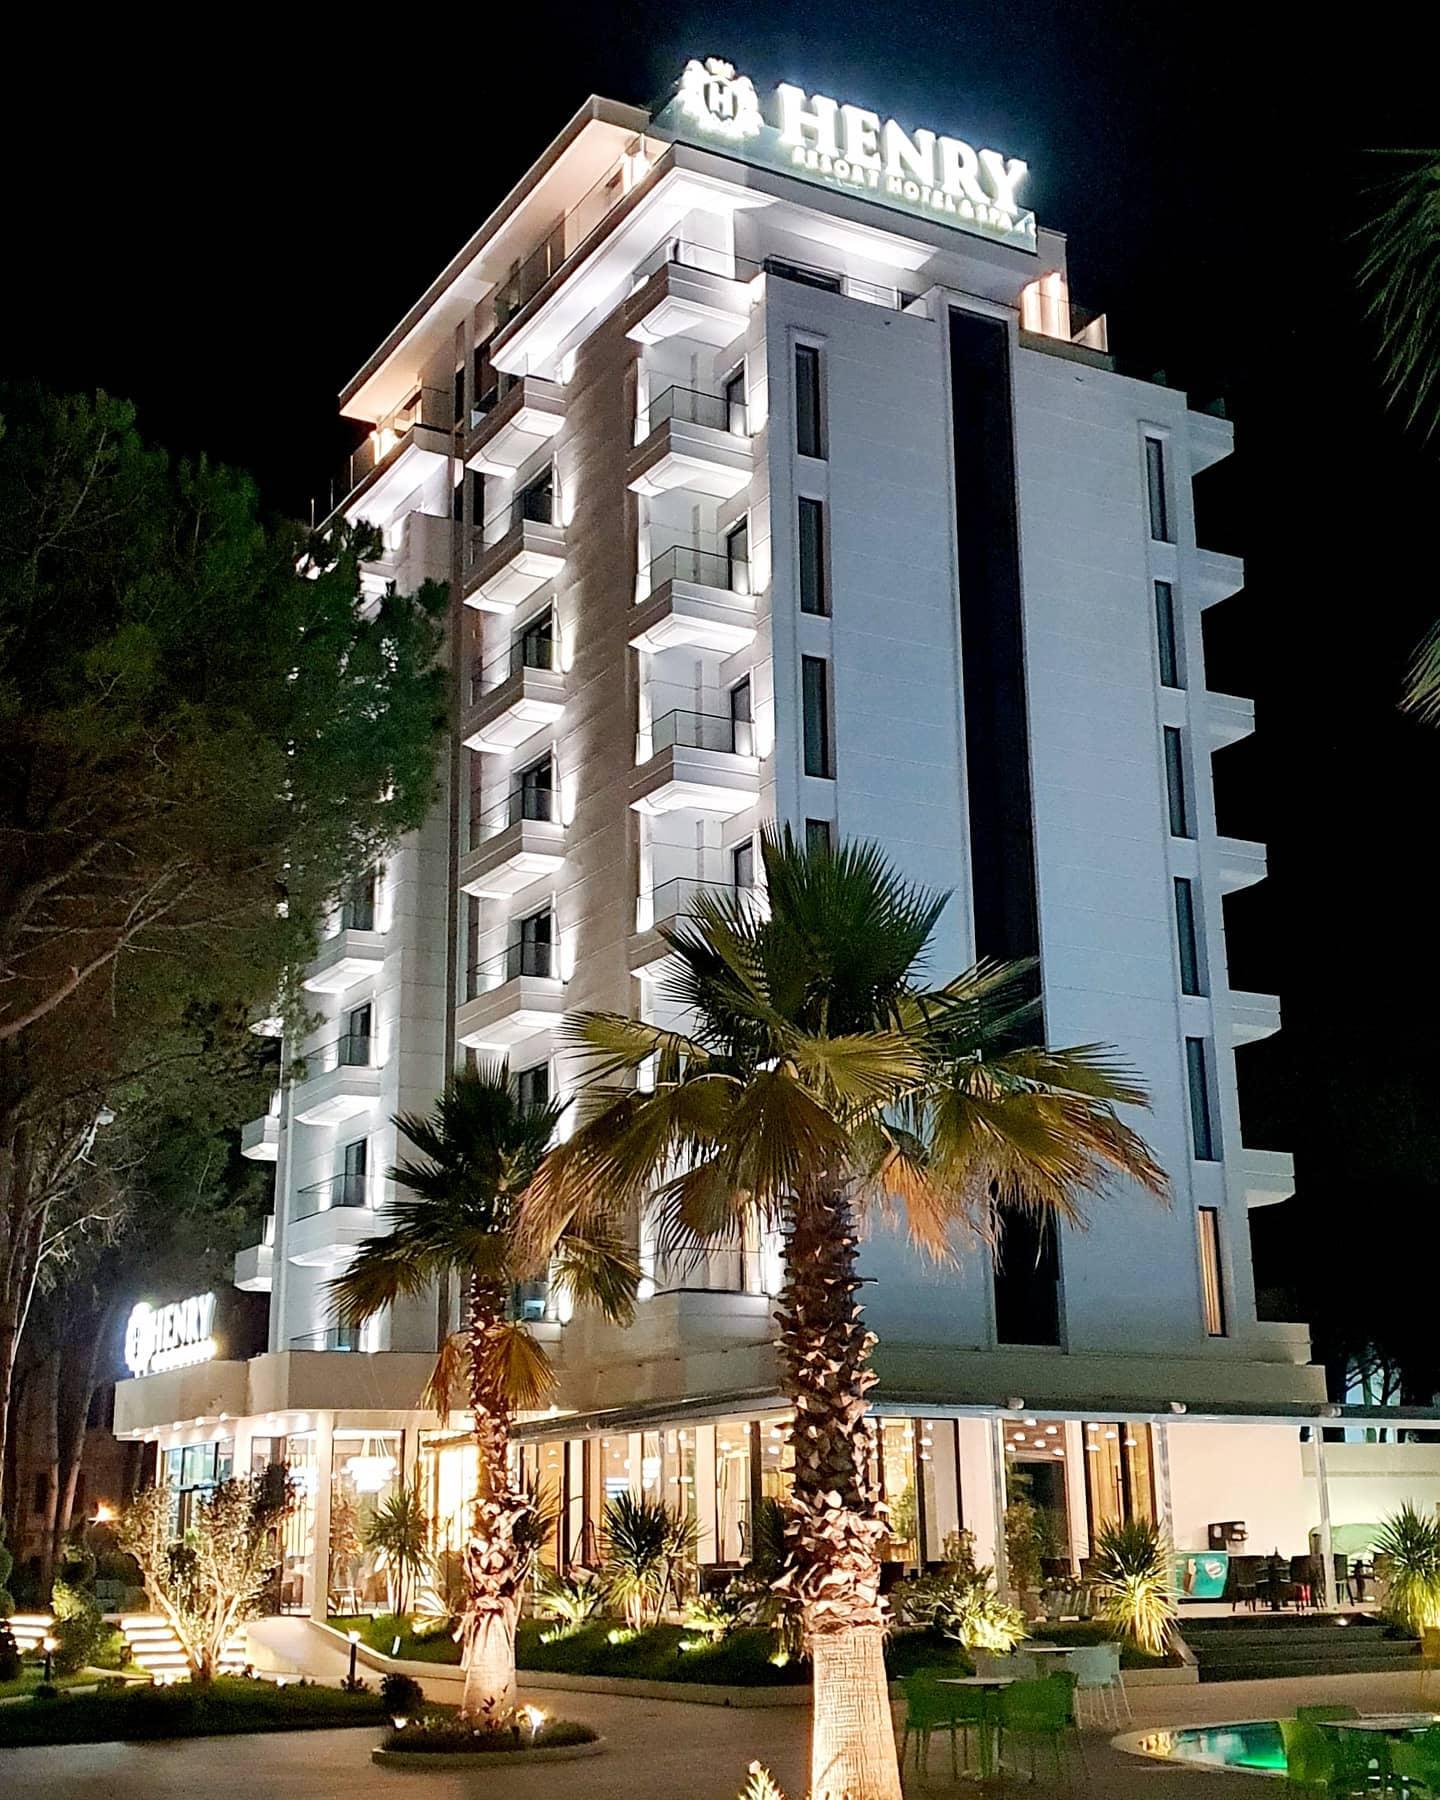 Letovanje Albanija autobusom, Drač, Hotel Henry Resort&Spa,eskterijer